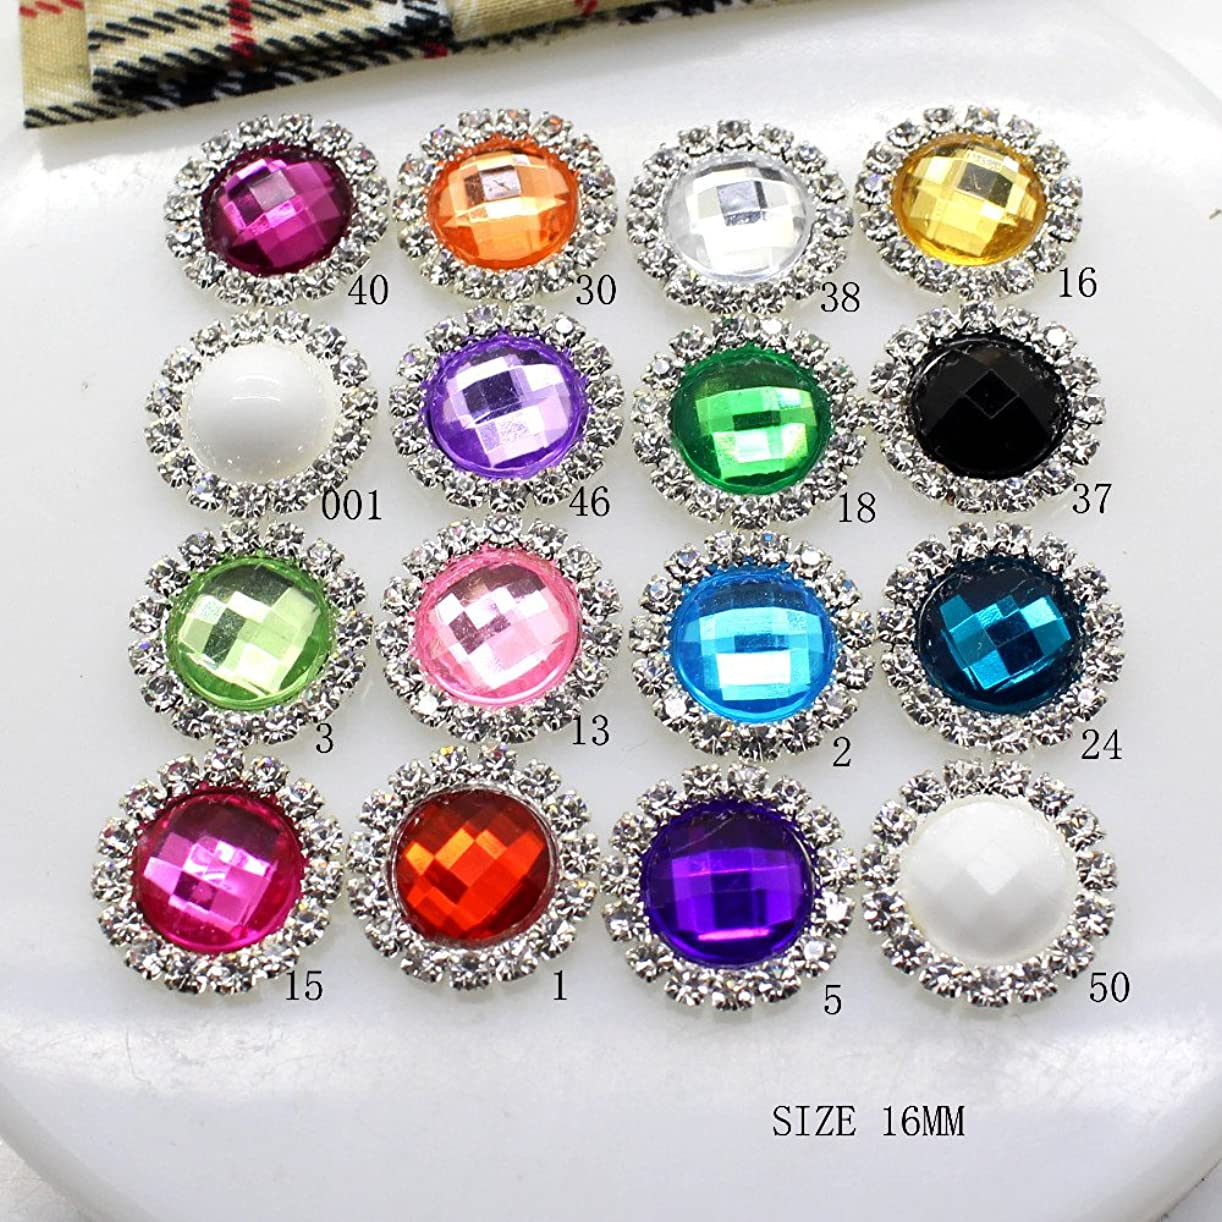 Propenary - 10個入り/ LOTアクリル16MMラインストーンのボタンDIYダイヤモンドのボタンの招待ゲイルヘアちょう結びフラワーアクセサリー